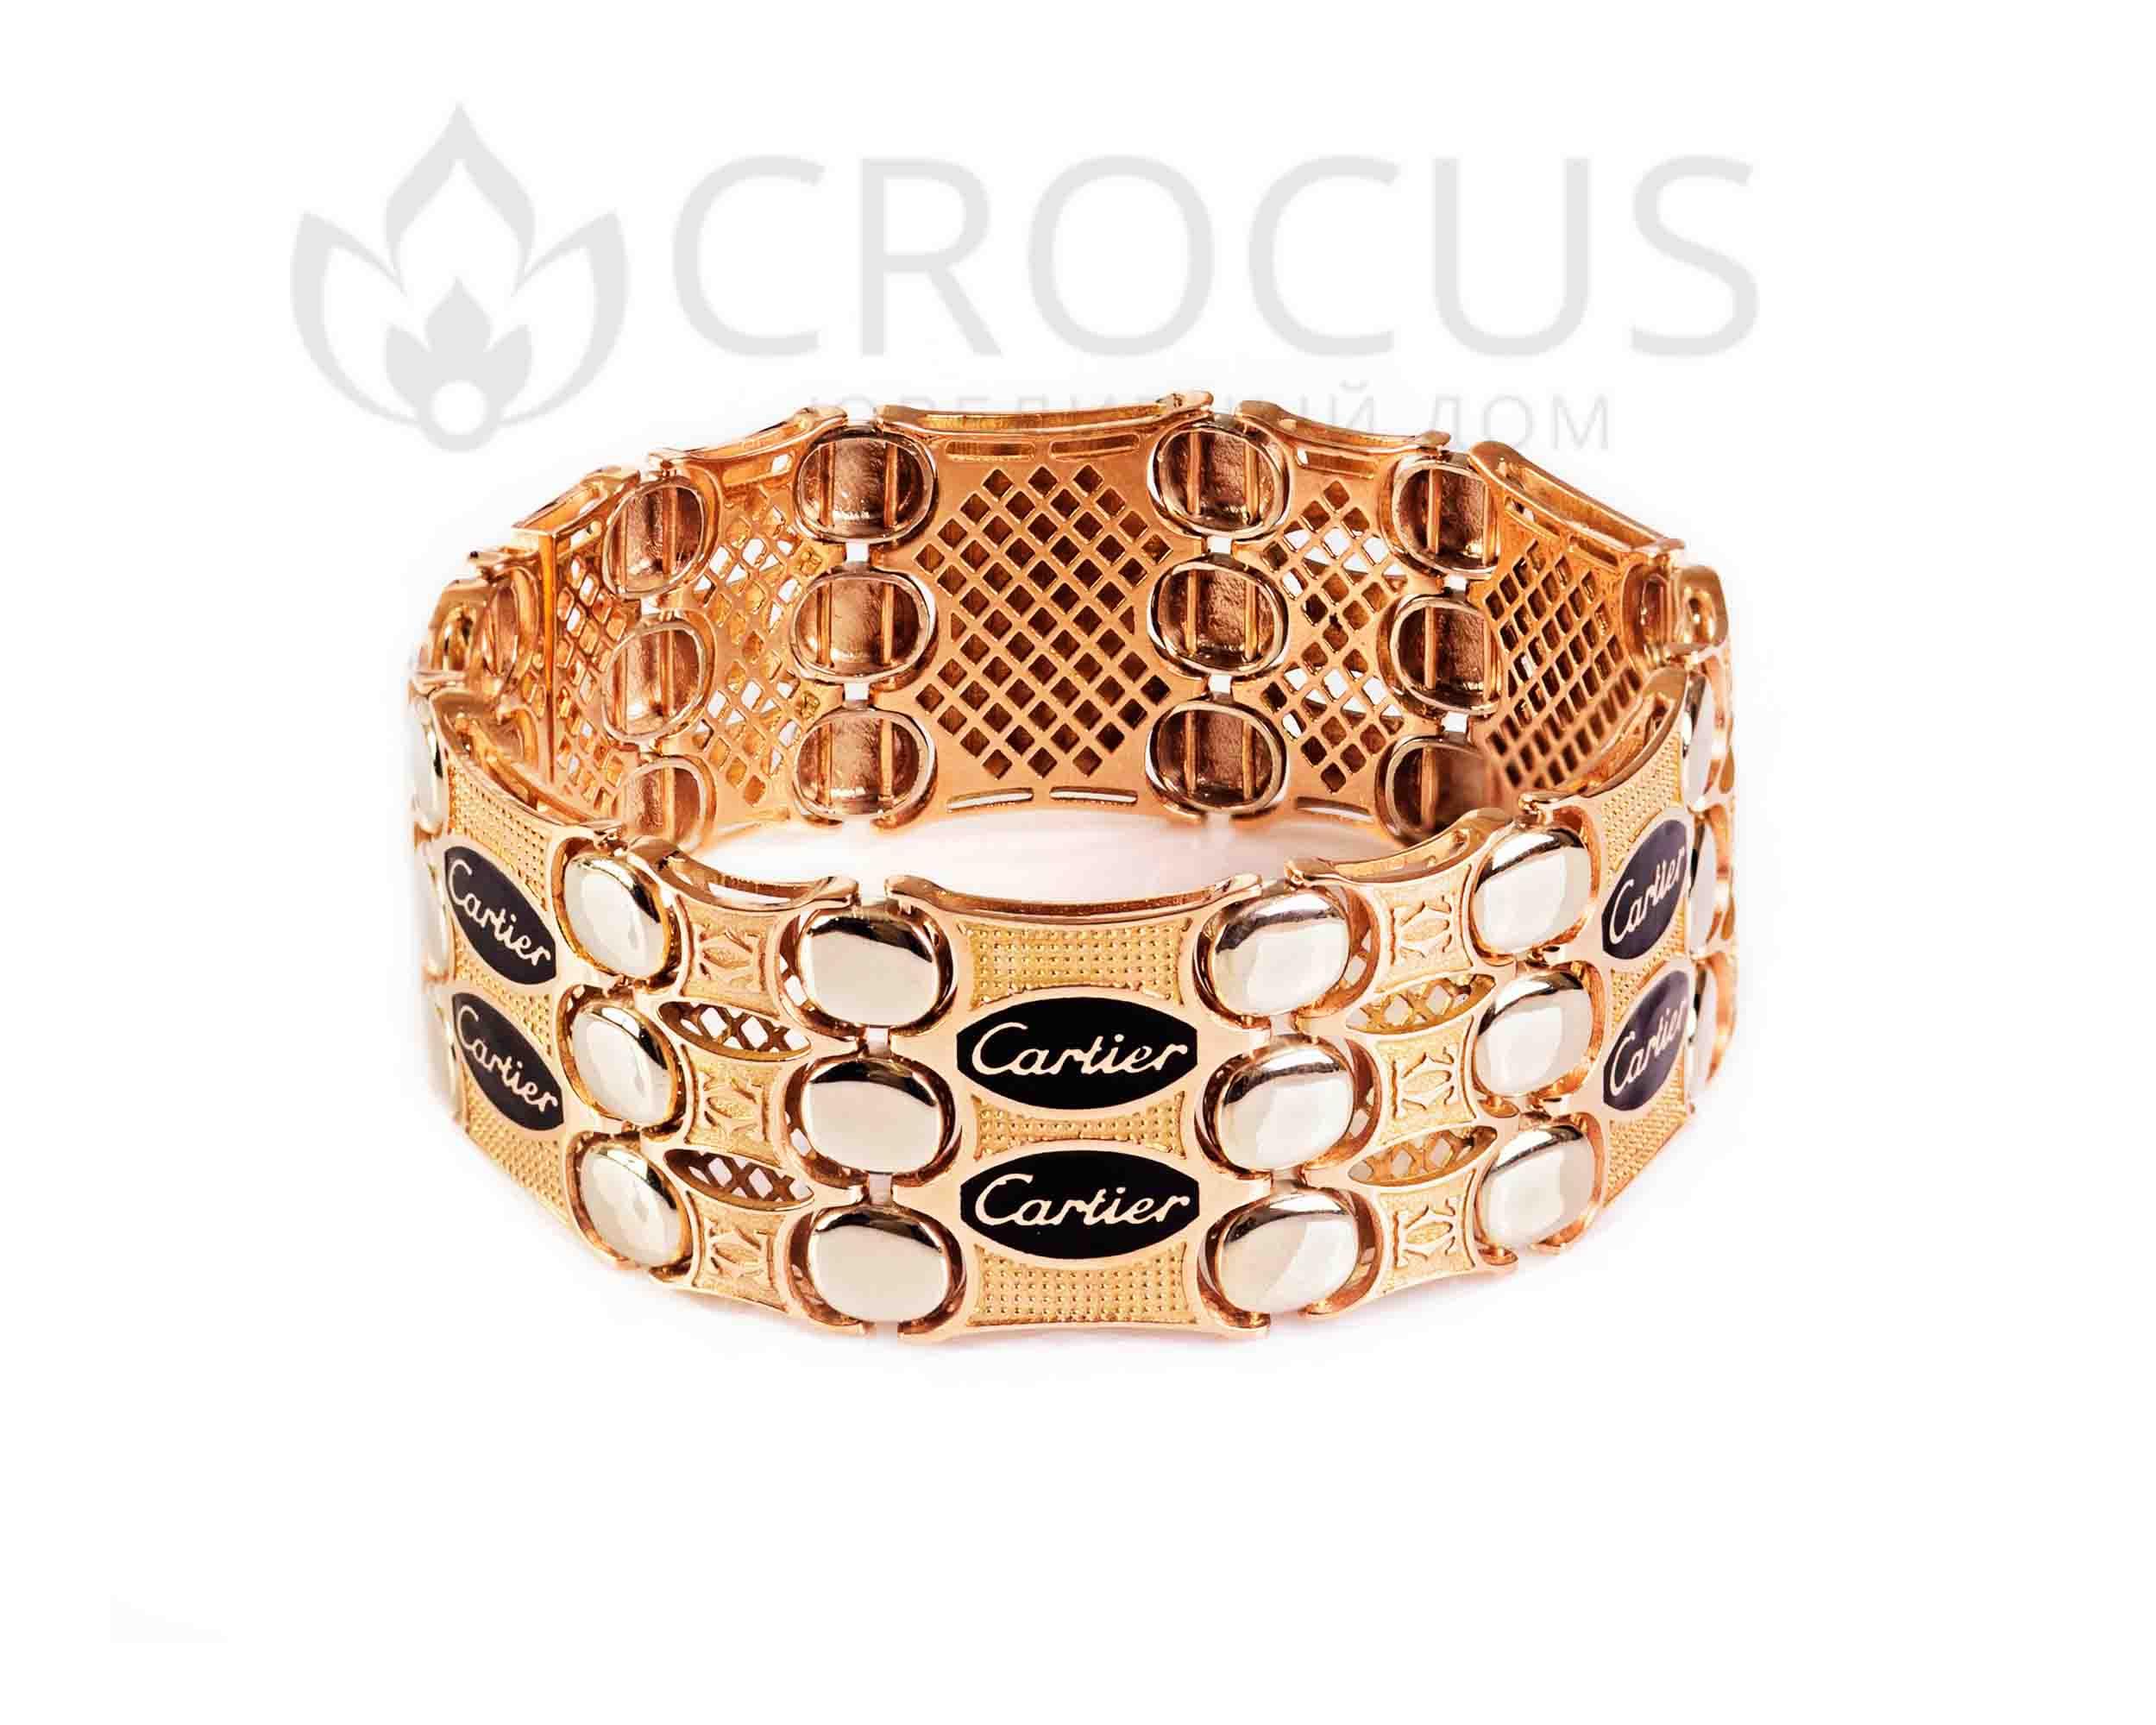 Массивный золотой браслет Cartier тройной